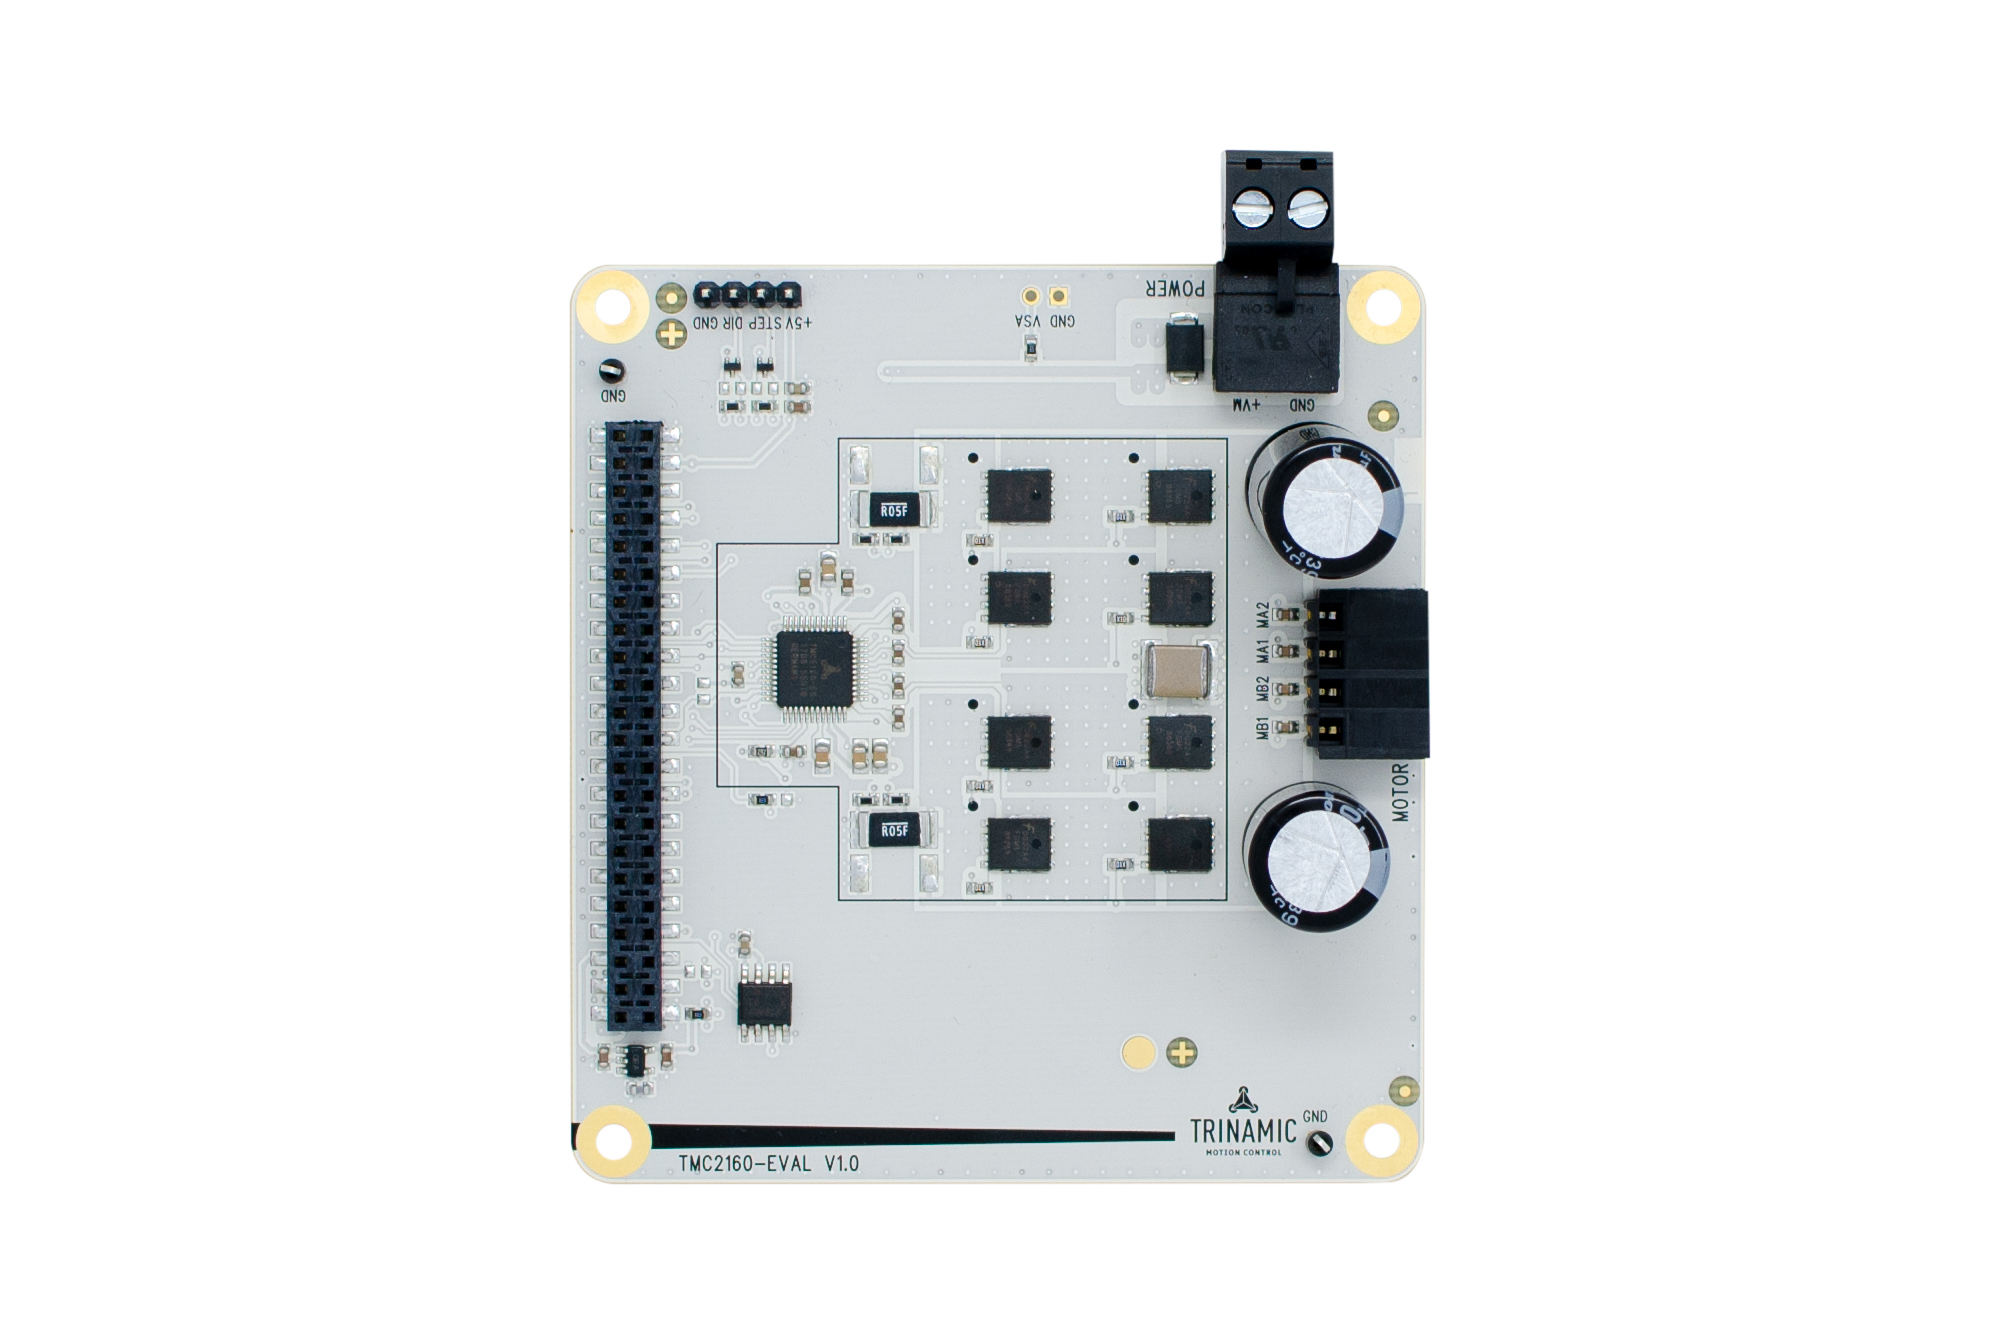 TMC2160-EVAL